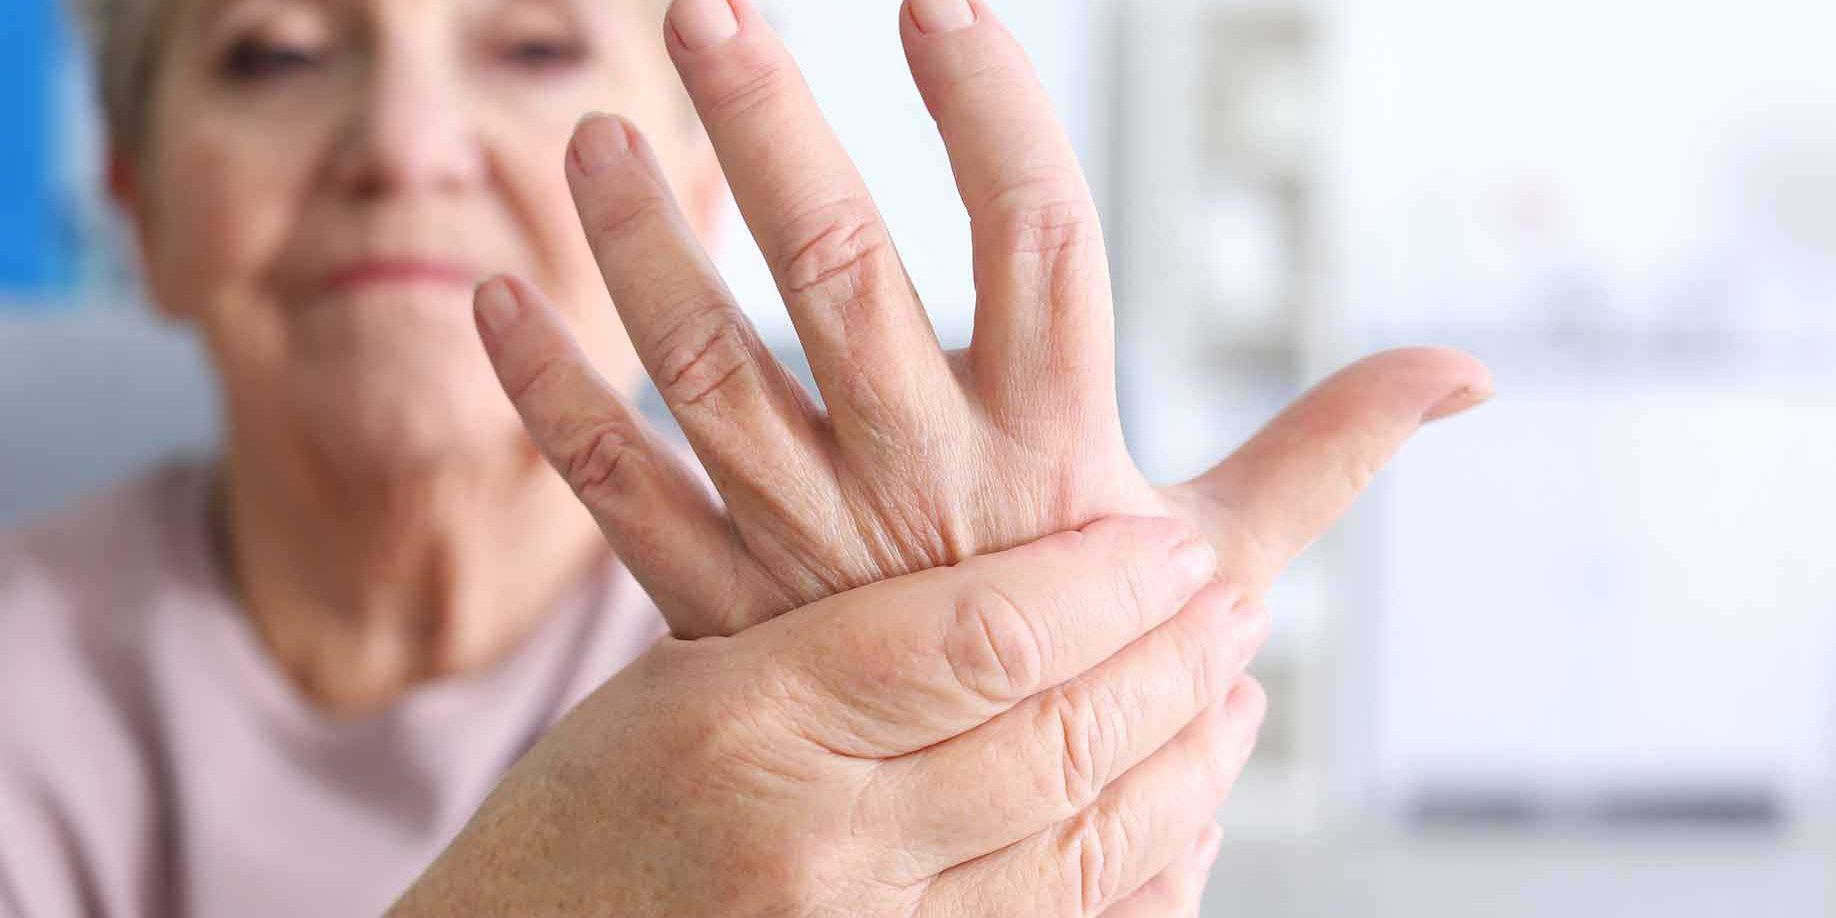 laikykite teptuku ranka gydymo raiščių sąnarius